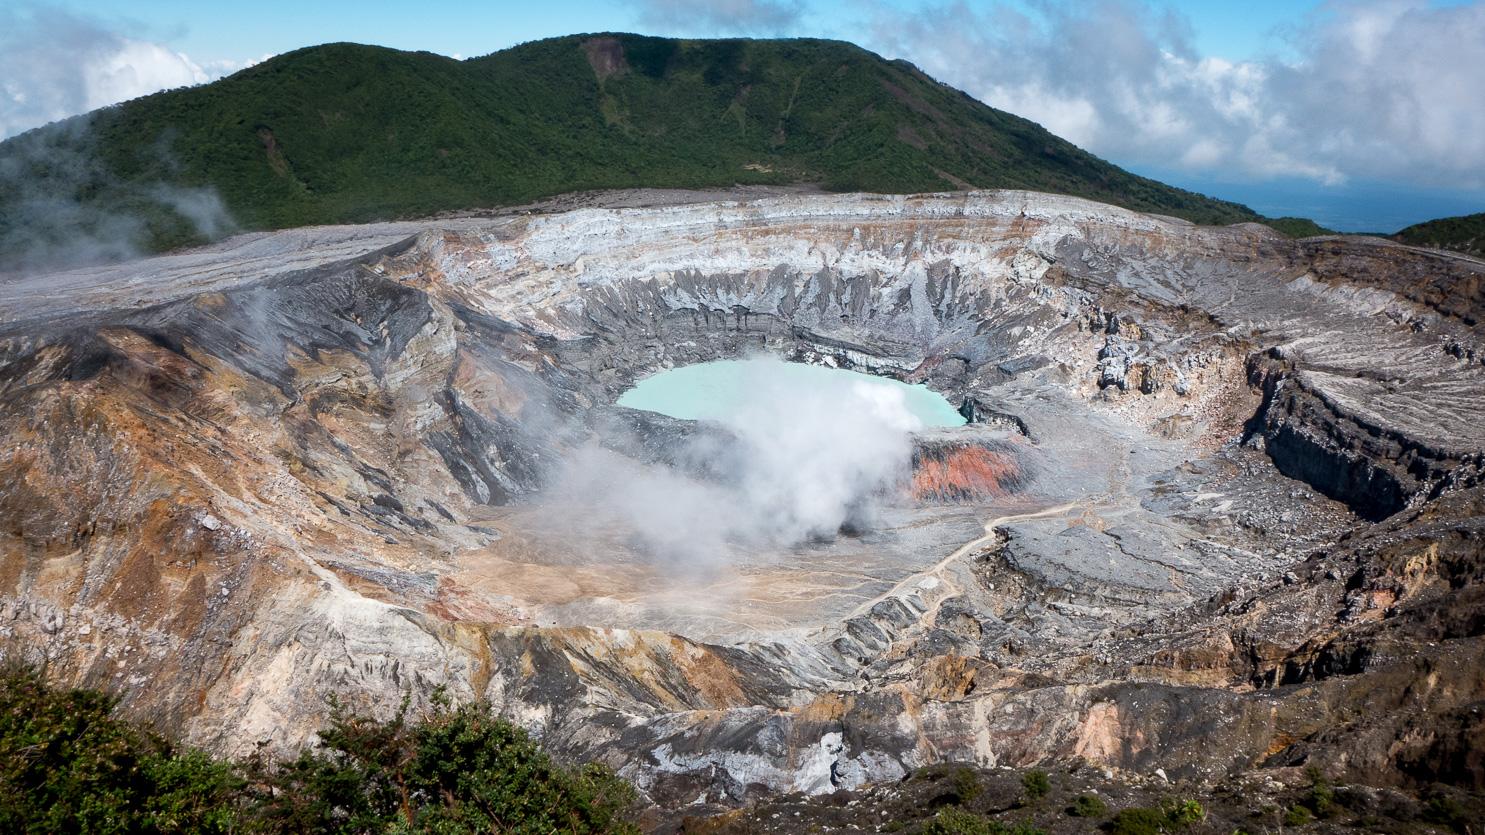 Vulkan Poás im Parque Nacional Volcán Poás, Costa Rica